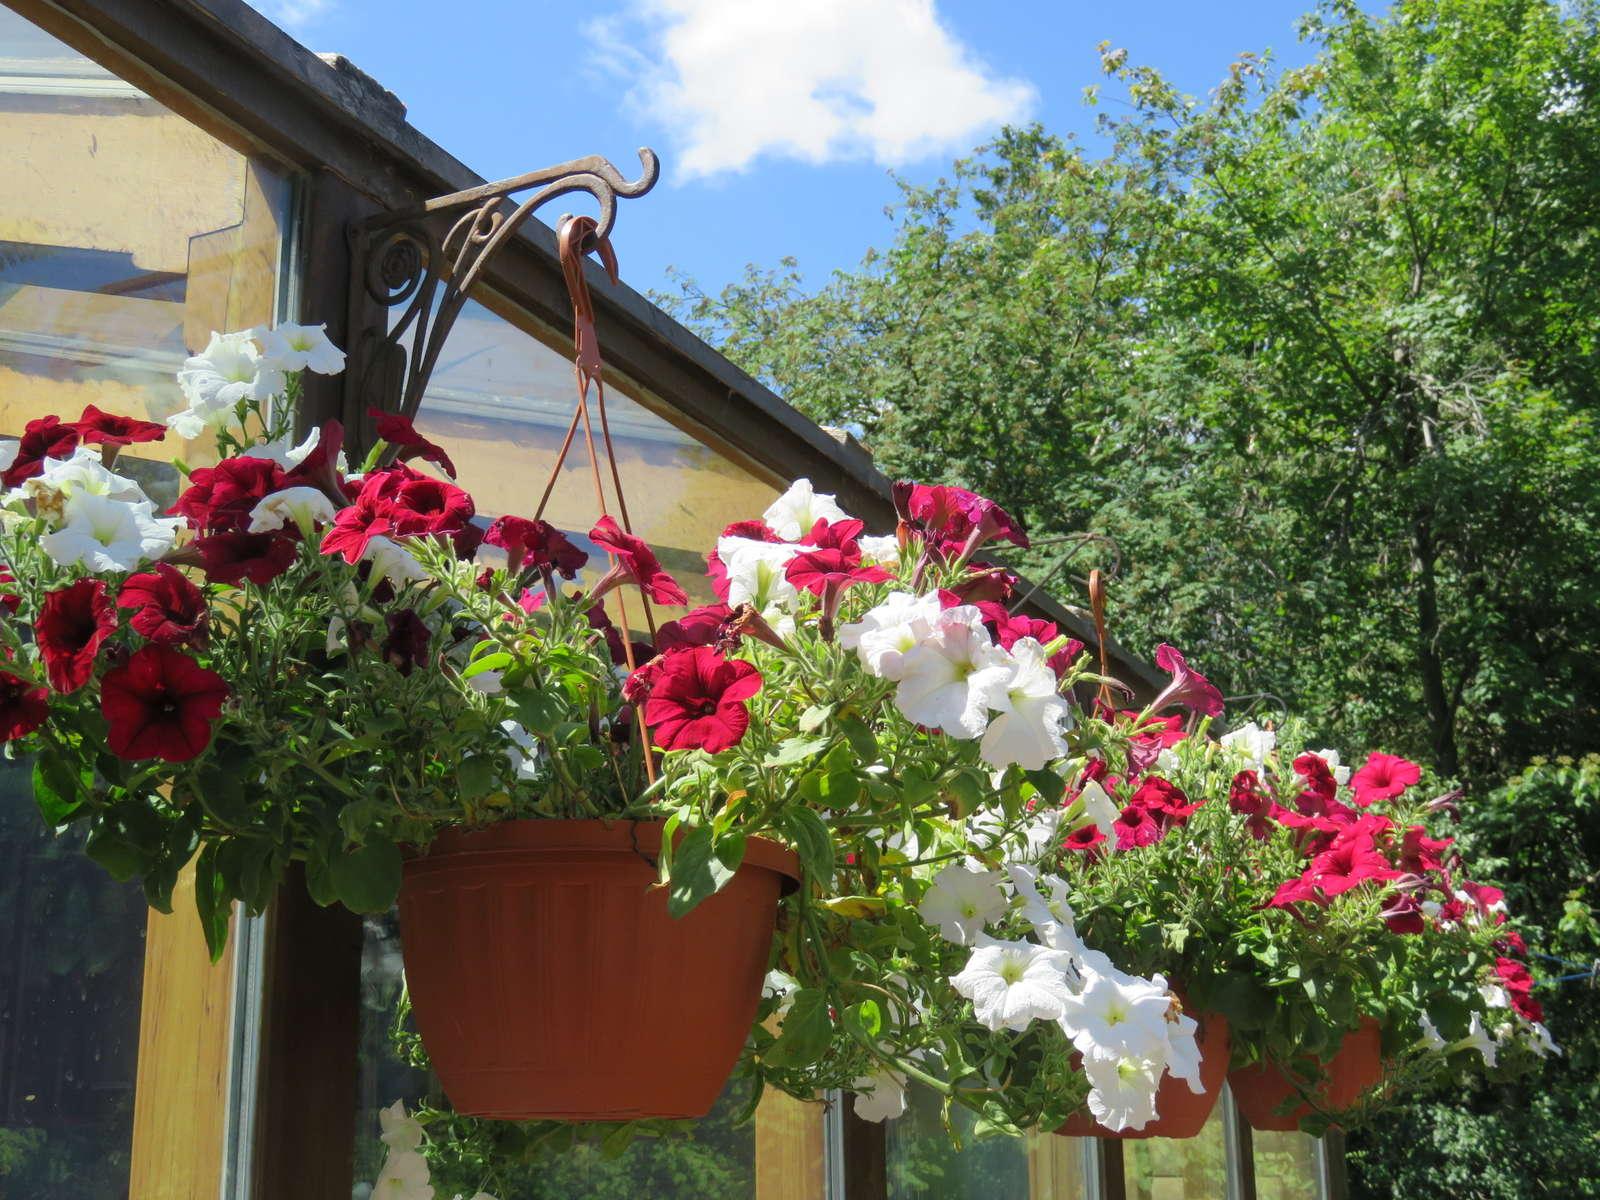 Super Petunien anbauen: Hängende und stehende Petunien im Garten - Plantura #QD_71